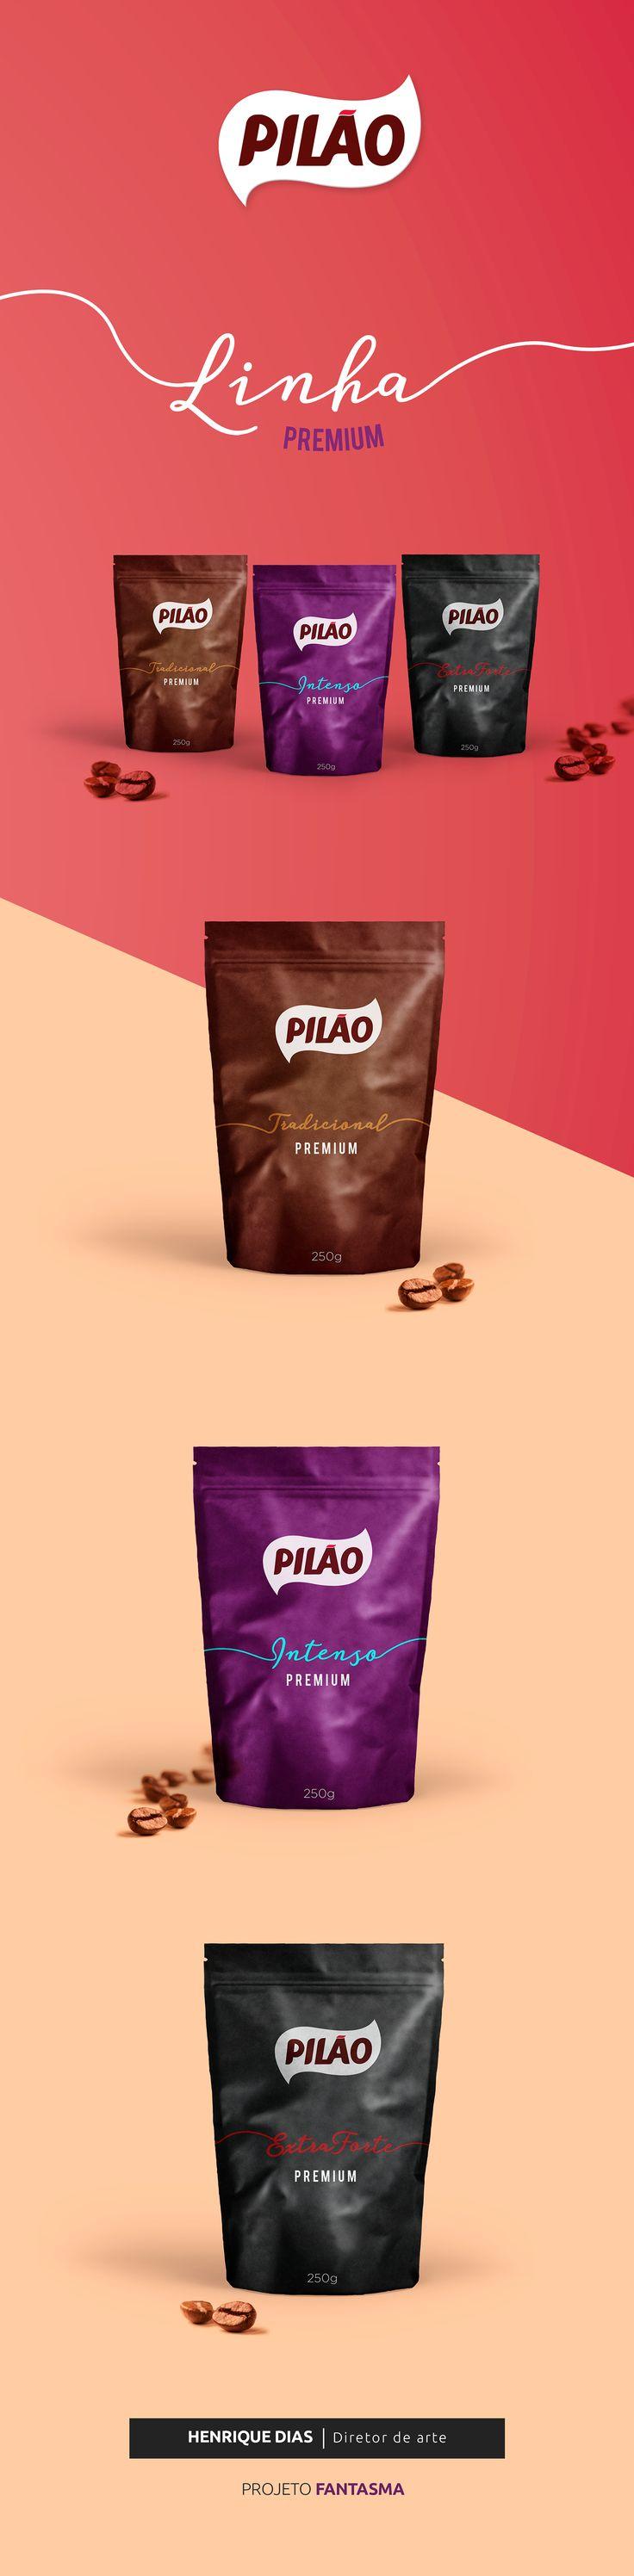 Café Pilão - Embalagem Premium on Behance